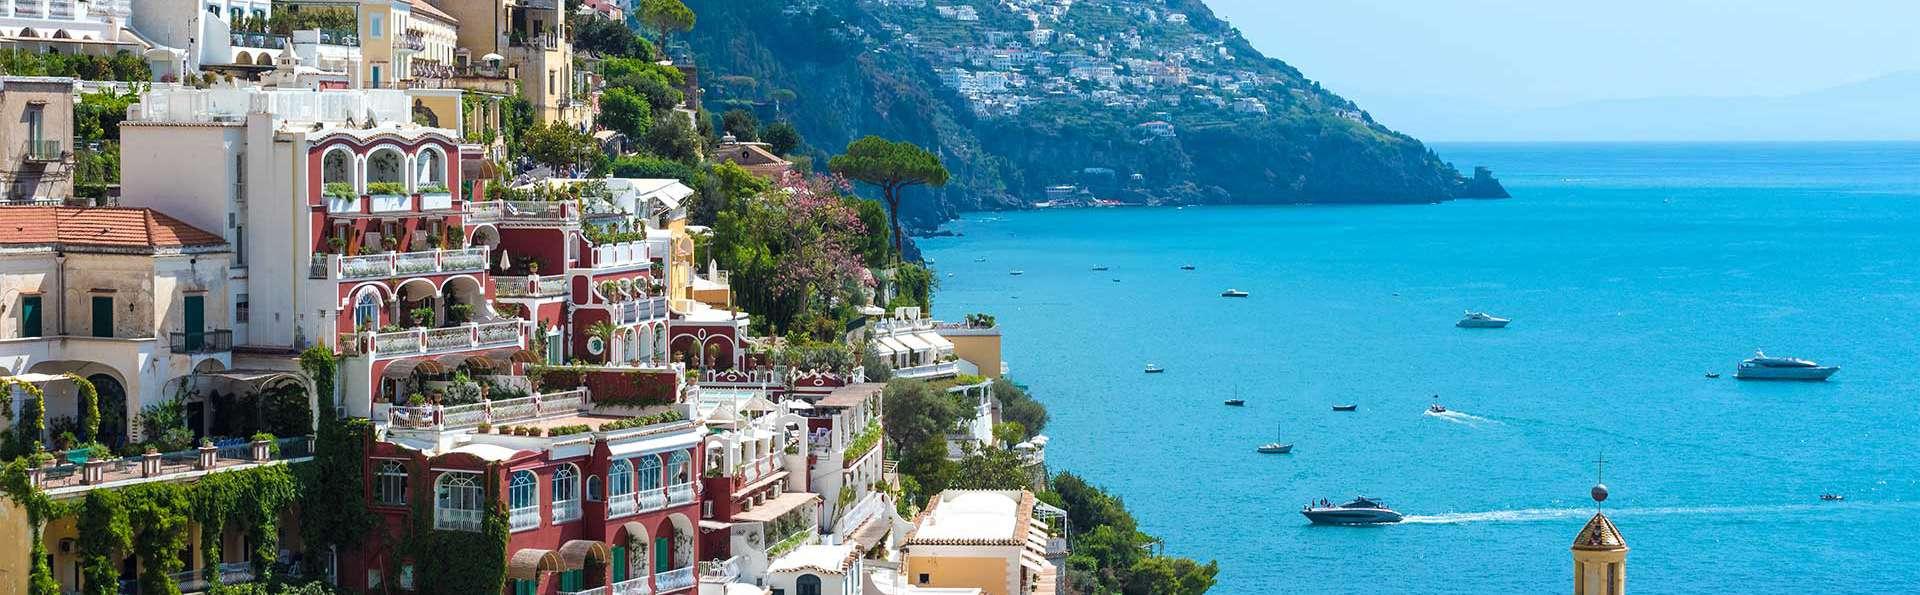 Séjour incontournable dans les couleurs de Positano